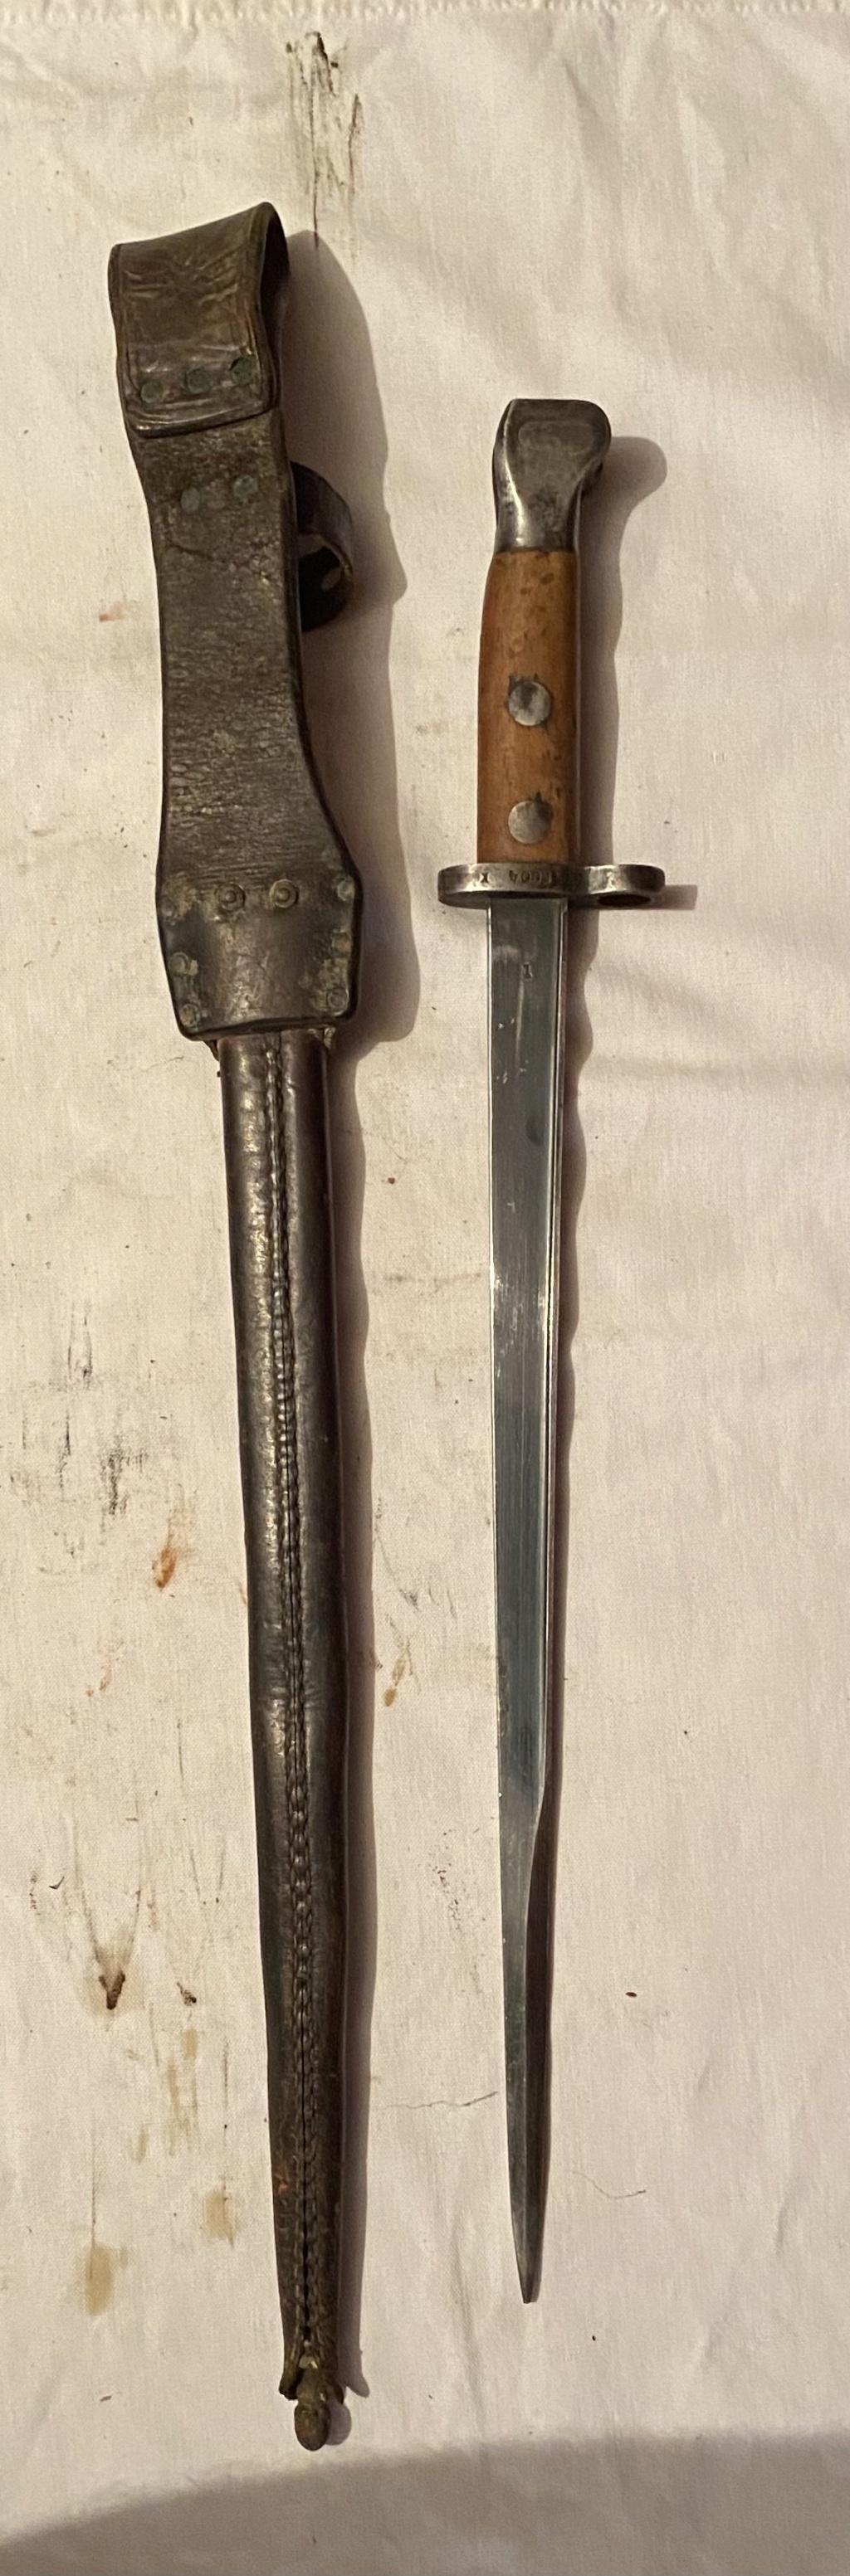 52 armes blanches ! Baïonnettes, dagues, toutes nationalités et époques ! Part 2 31_410